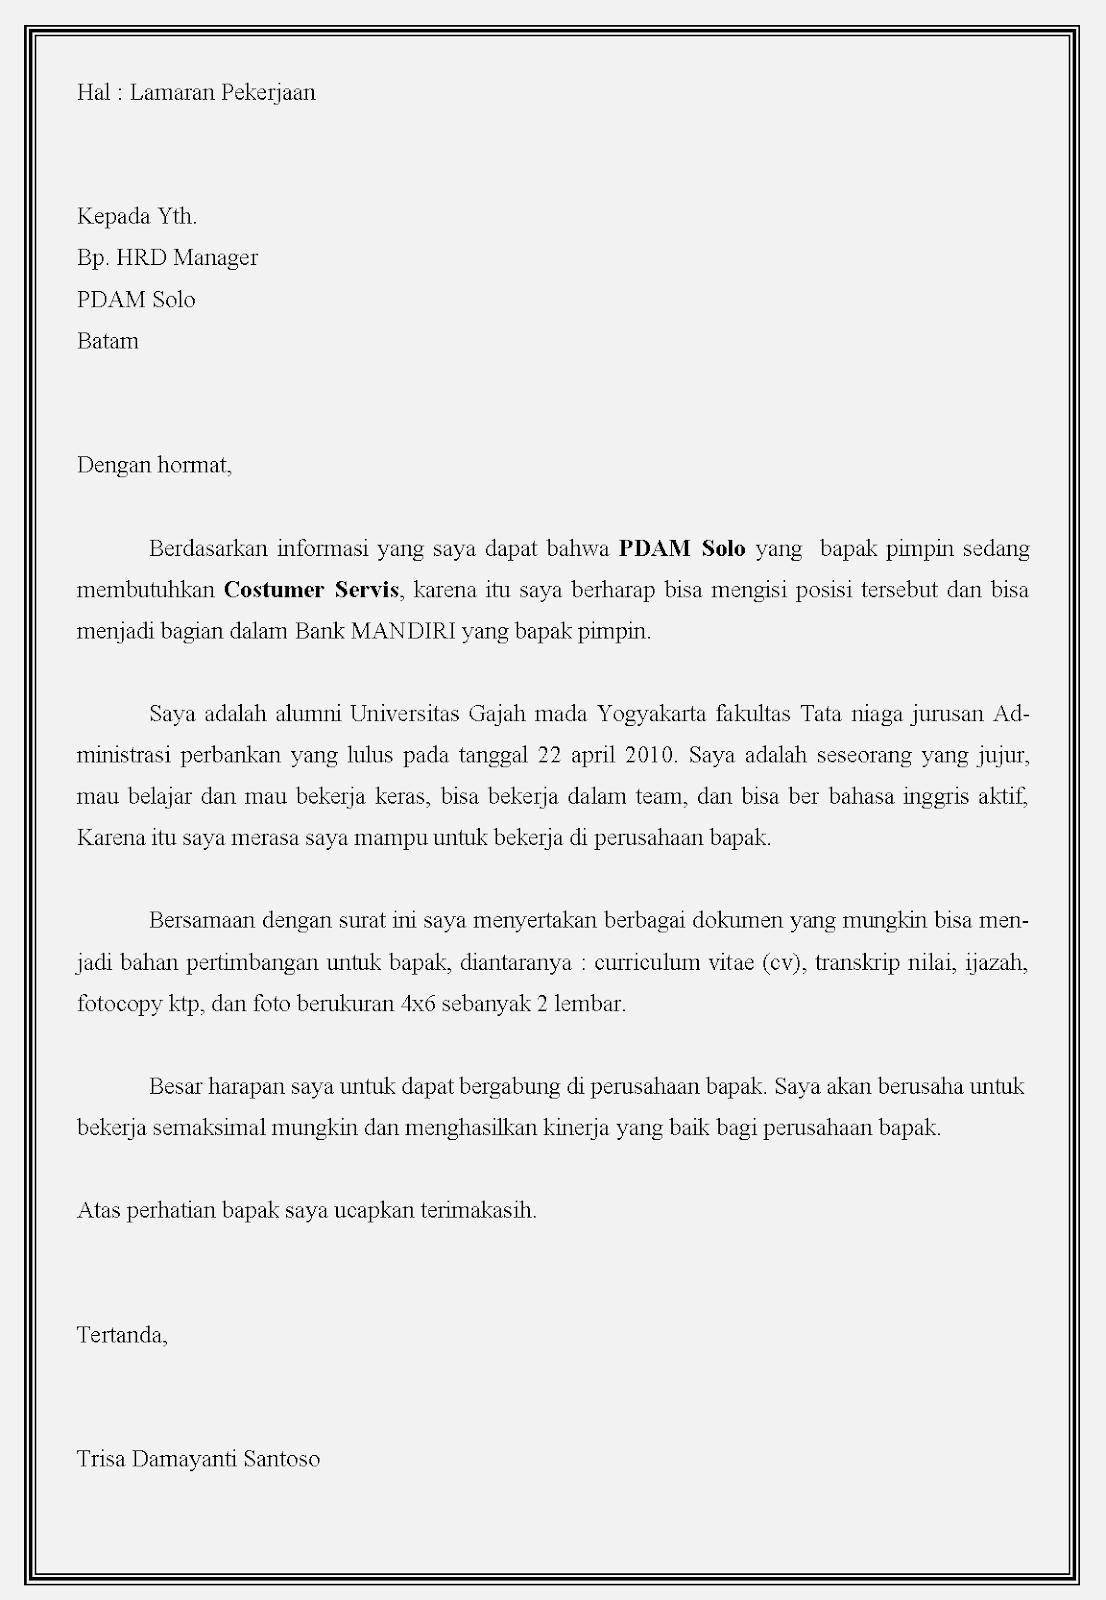 Contoh surat lamaran kerja bumn bahasa Indonesia